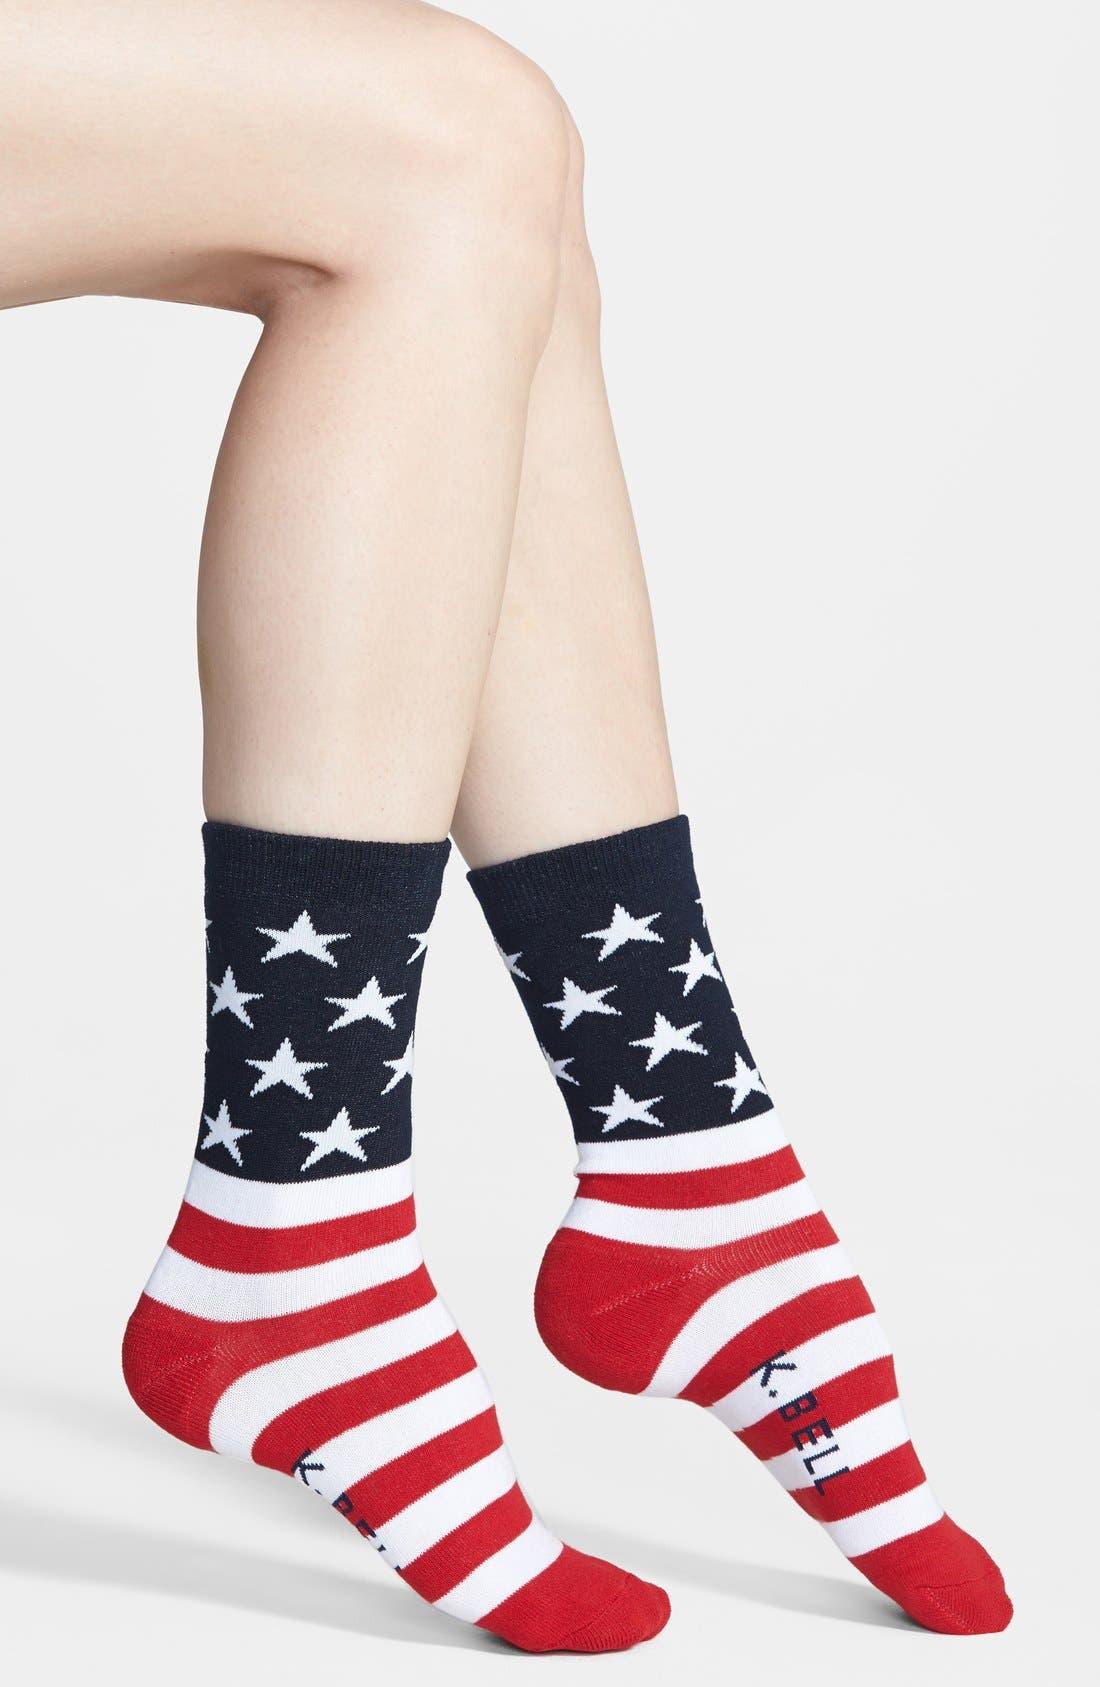 Alternate Image 1 Selected - K. Bell Socks 'American Flag' Crew Socks